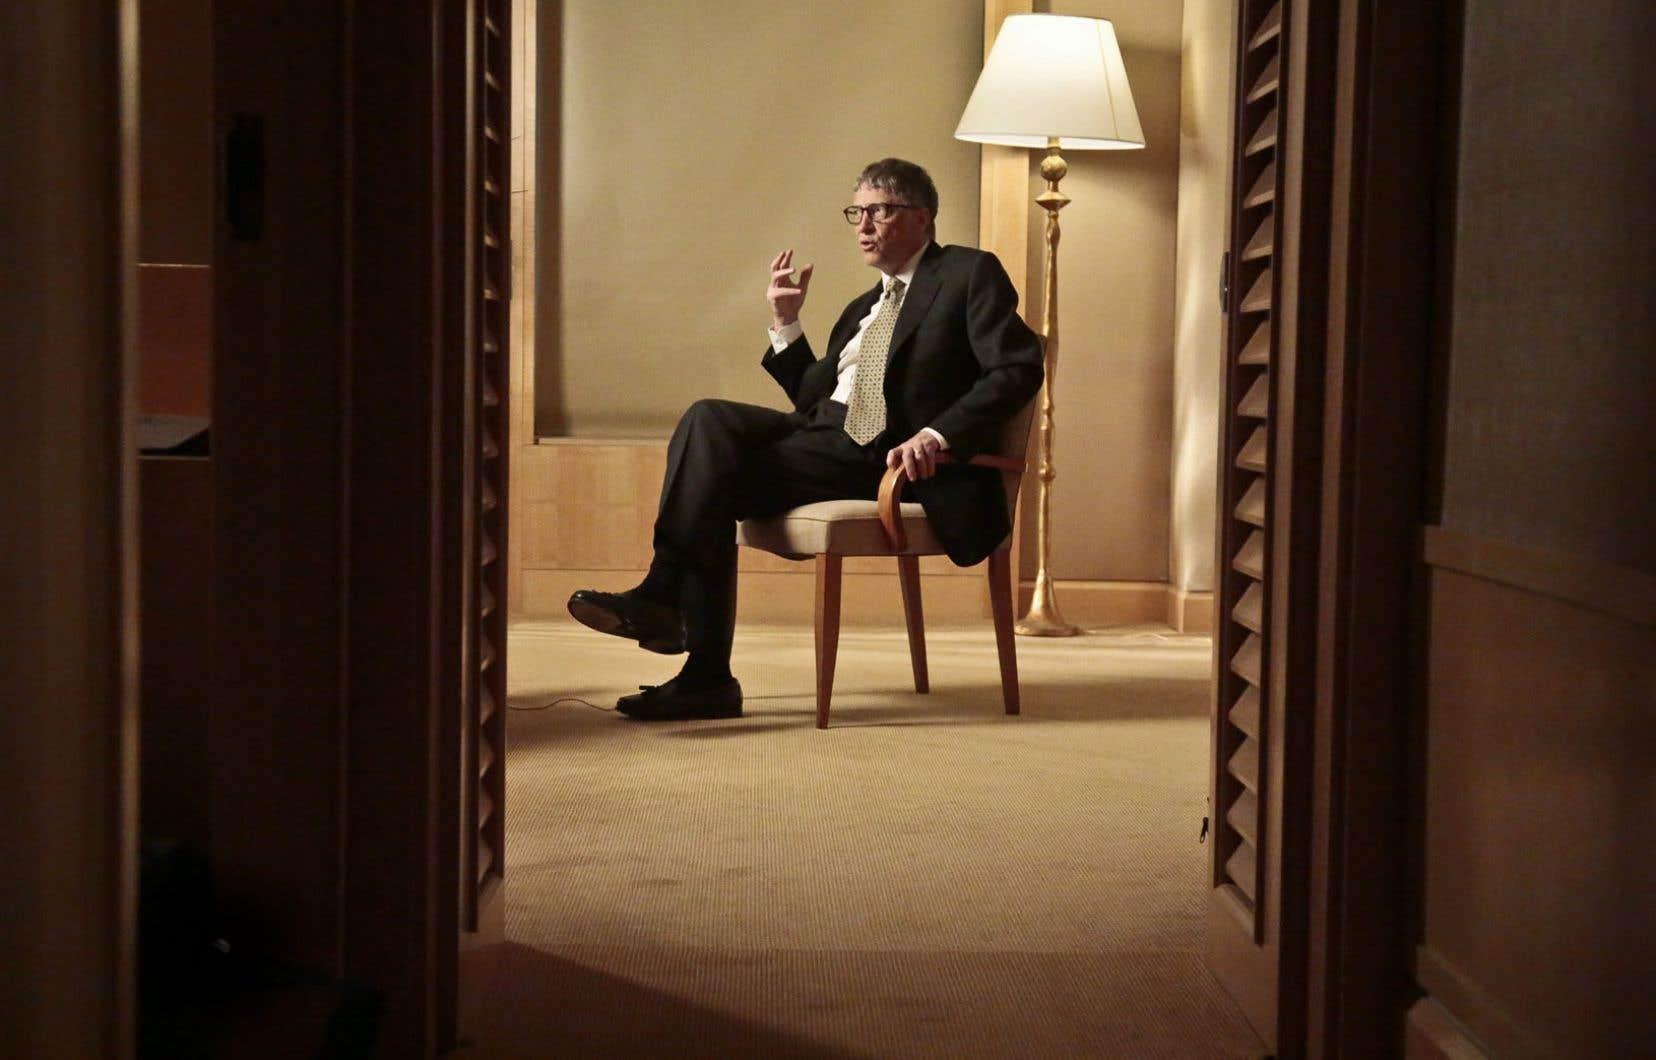 Bill Gates, le fondateur de Microsoft, a retrouvé la position de tête du classement des plus grandes fortunes dans le monde que publie annuellement le magazine Forbes.